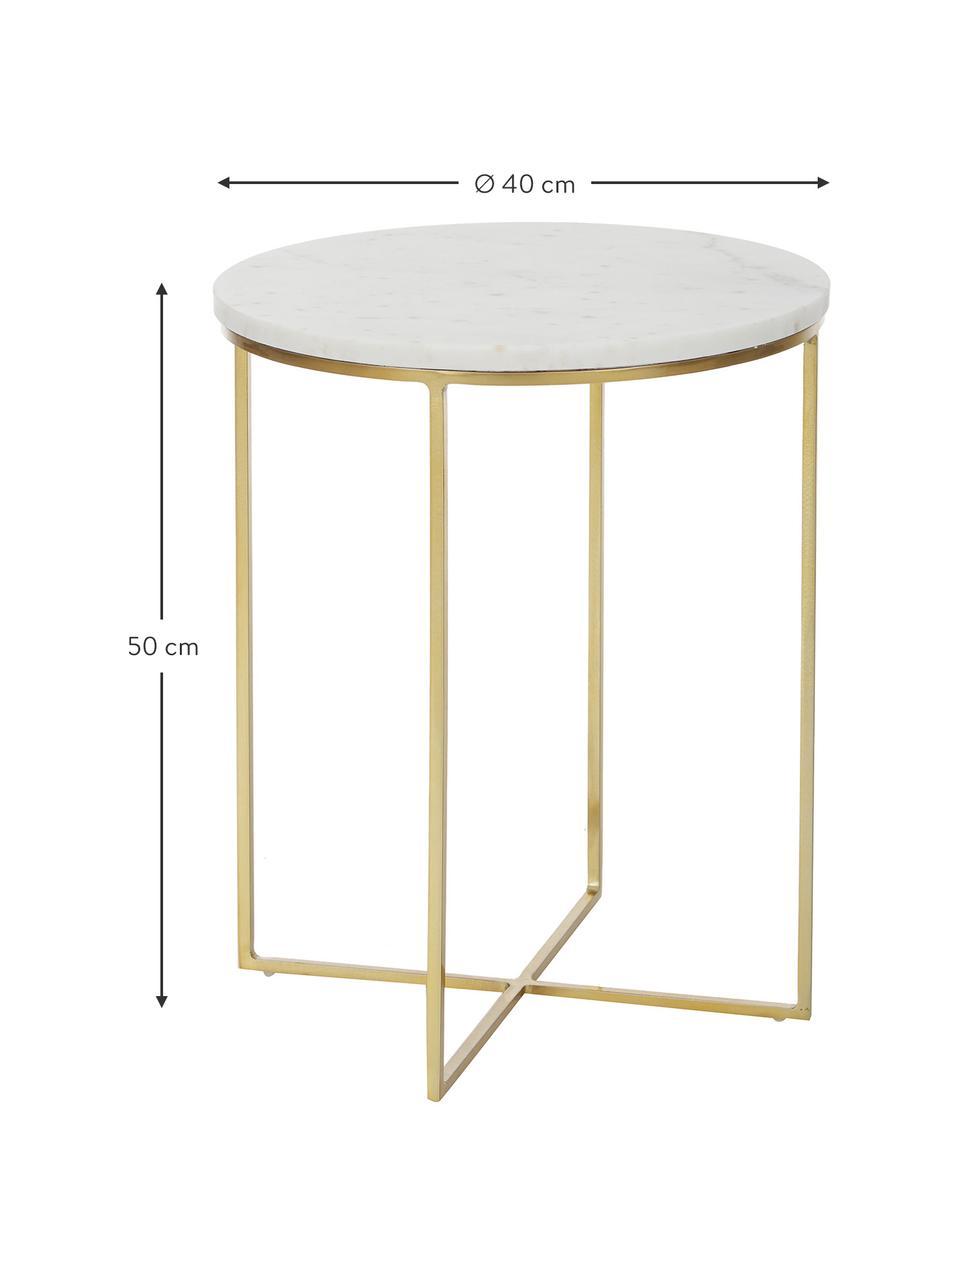 Runder Marmor-Beistelltisch Alys, Tischplatte: Marmor, Gestell: Metall, pulverbeschichtet, Weißer Marmor, Goldfarben, Ø 40 x H 50 cm